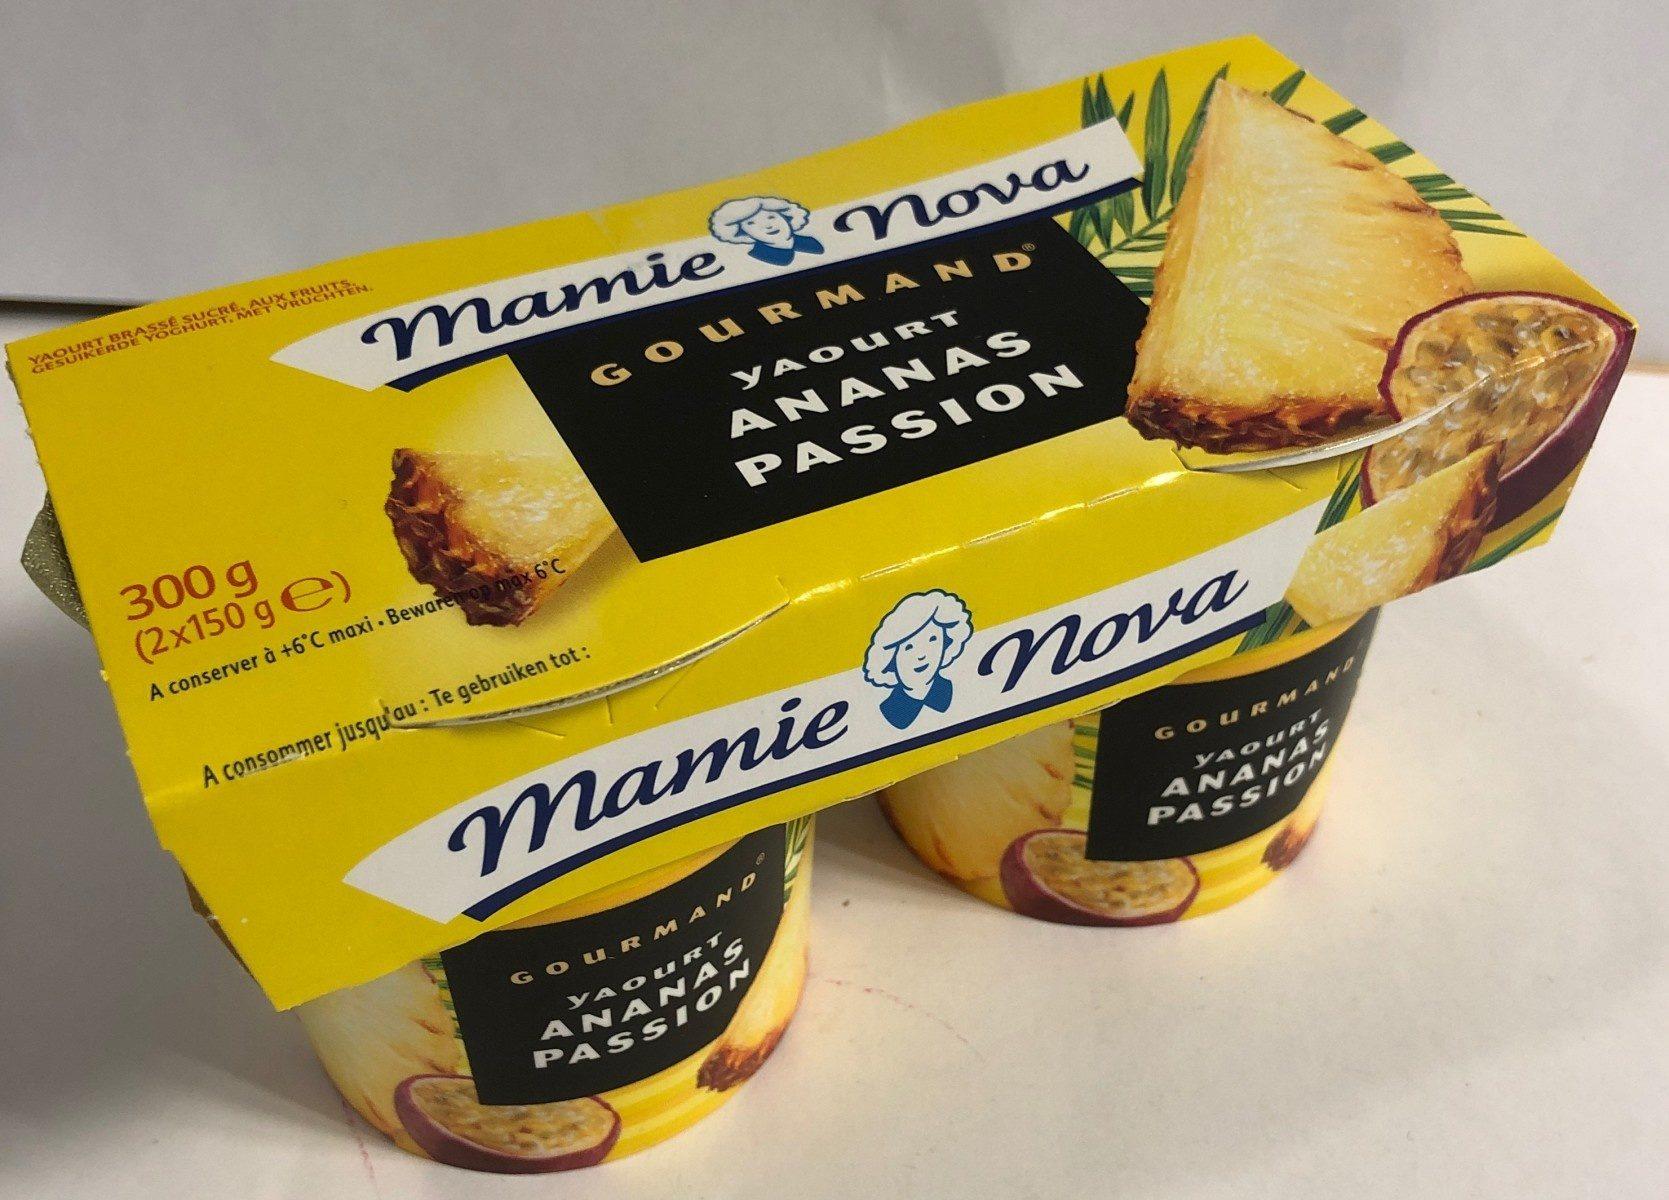 Gourmand Yaourt Ananas Passion - Produit